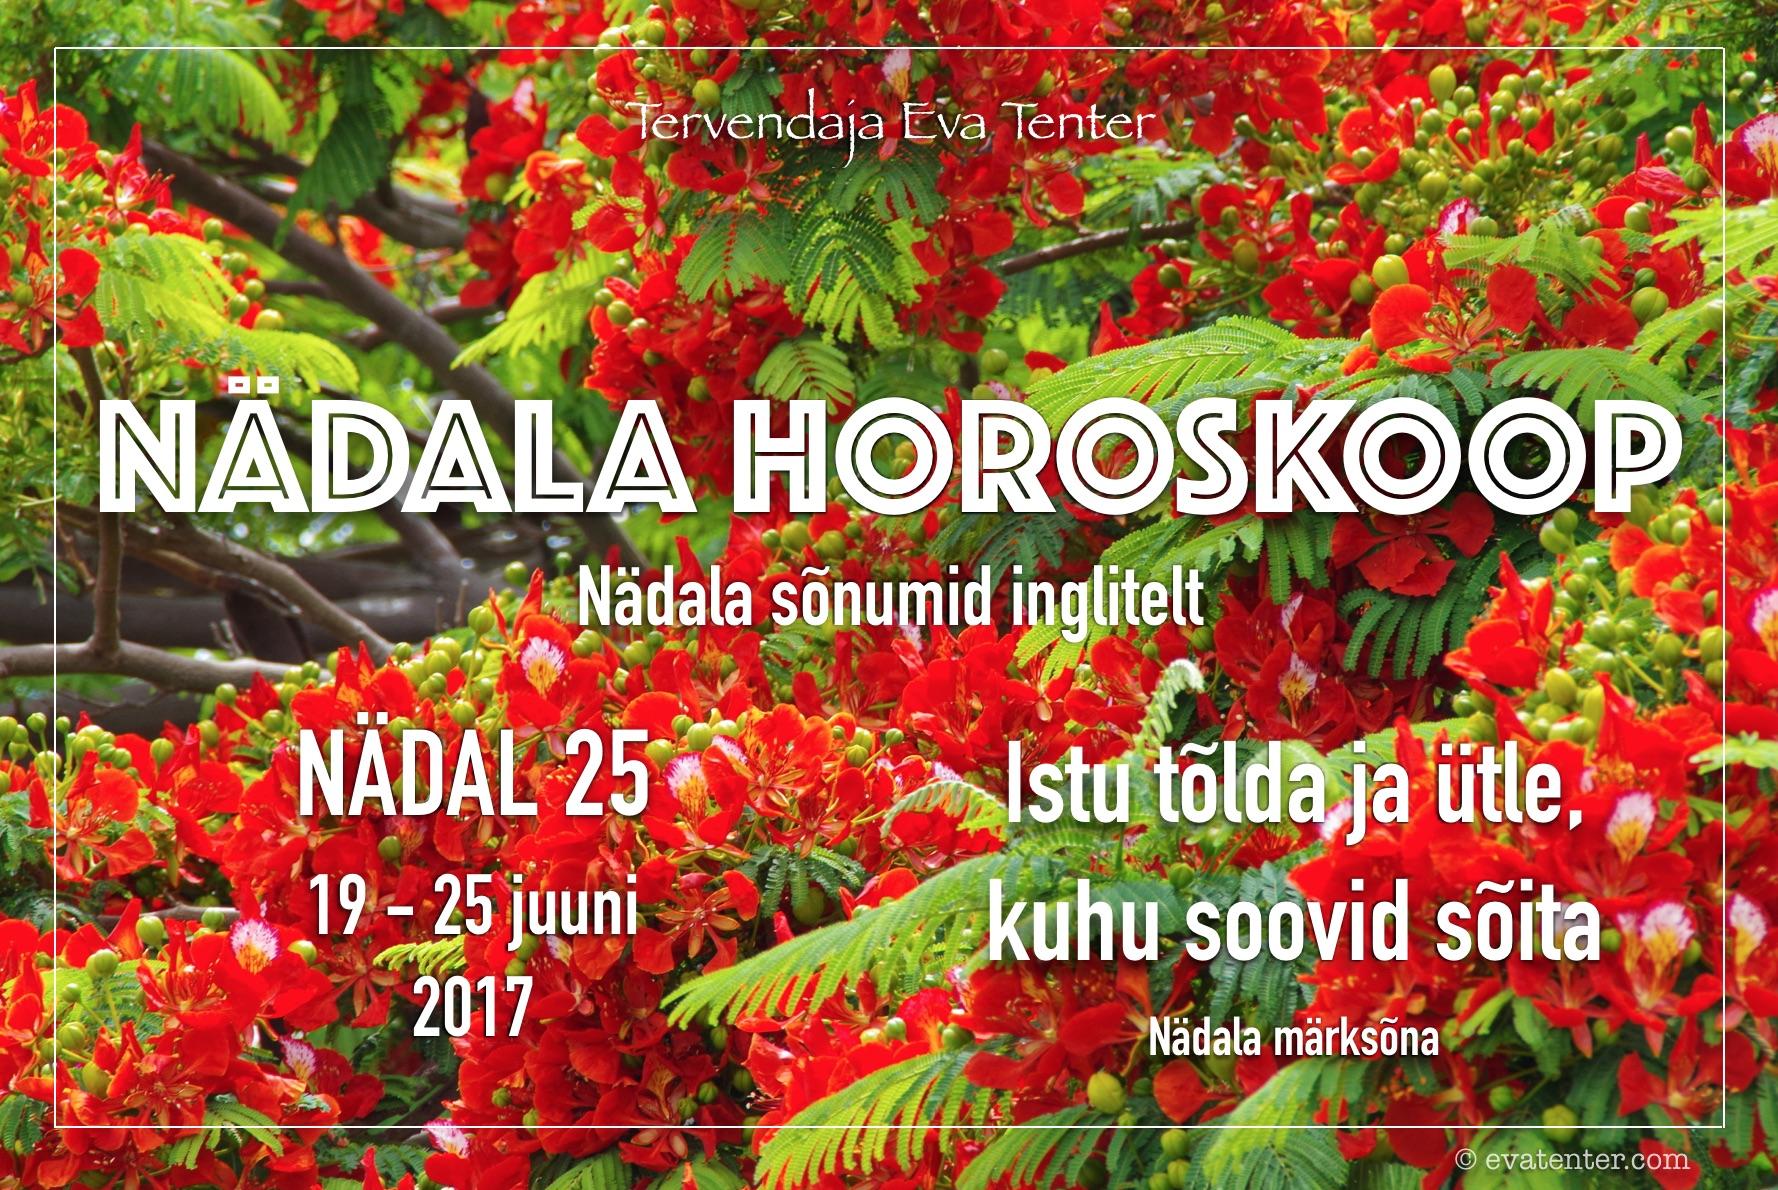 Nädala horoskoop 19.06-25.06.2017